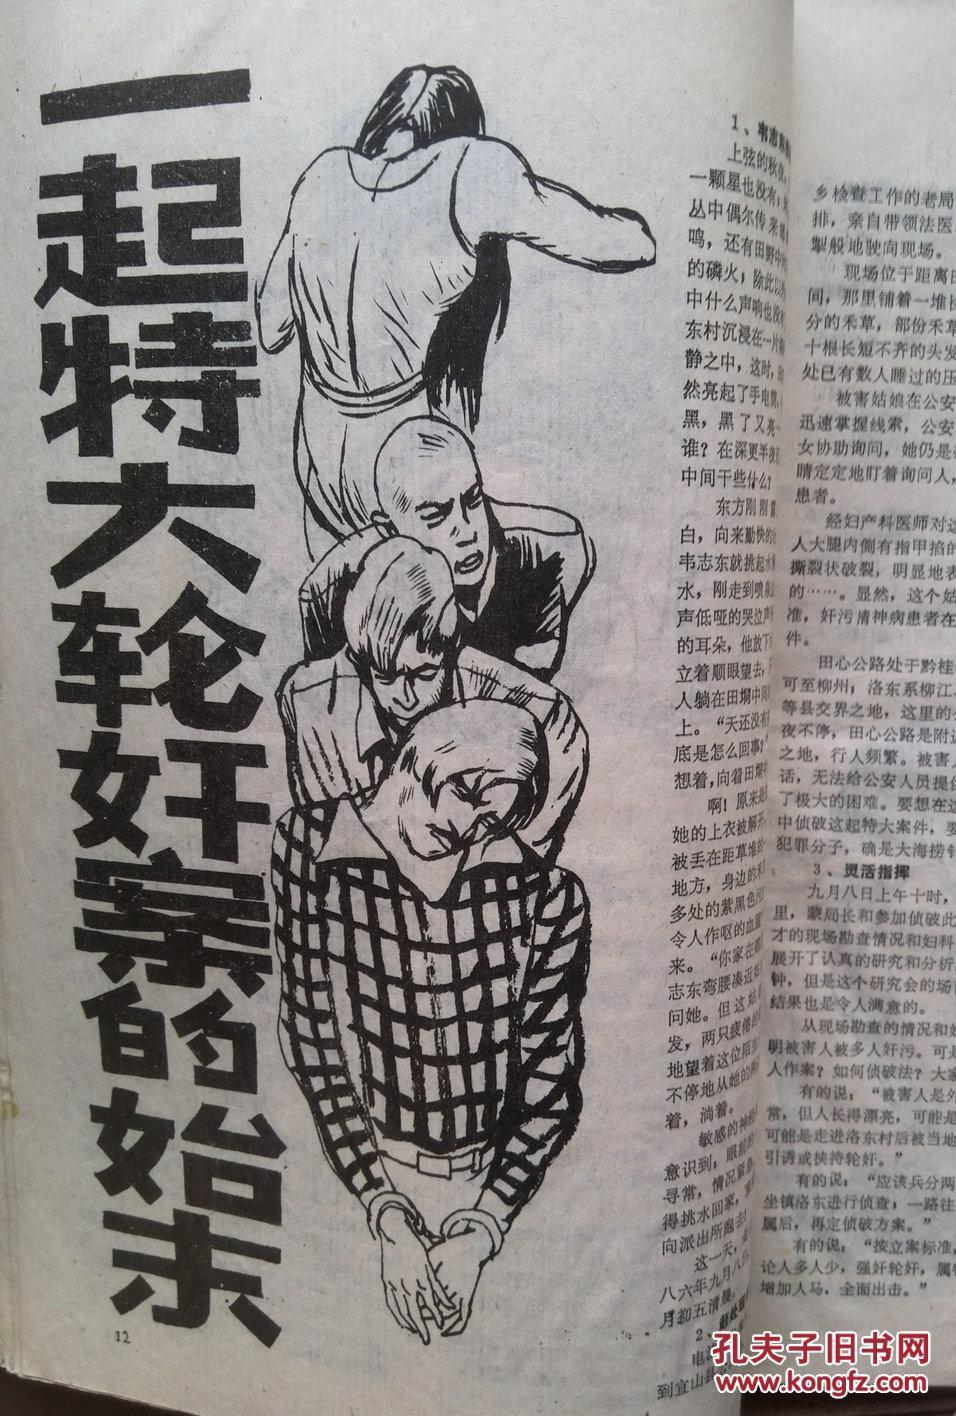 第一文学网第1页_普法园地1987年第1期总第4期(80年代通俗文学)《十五岁的女主犯》《从